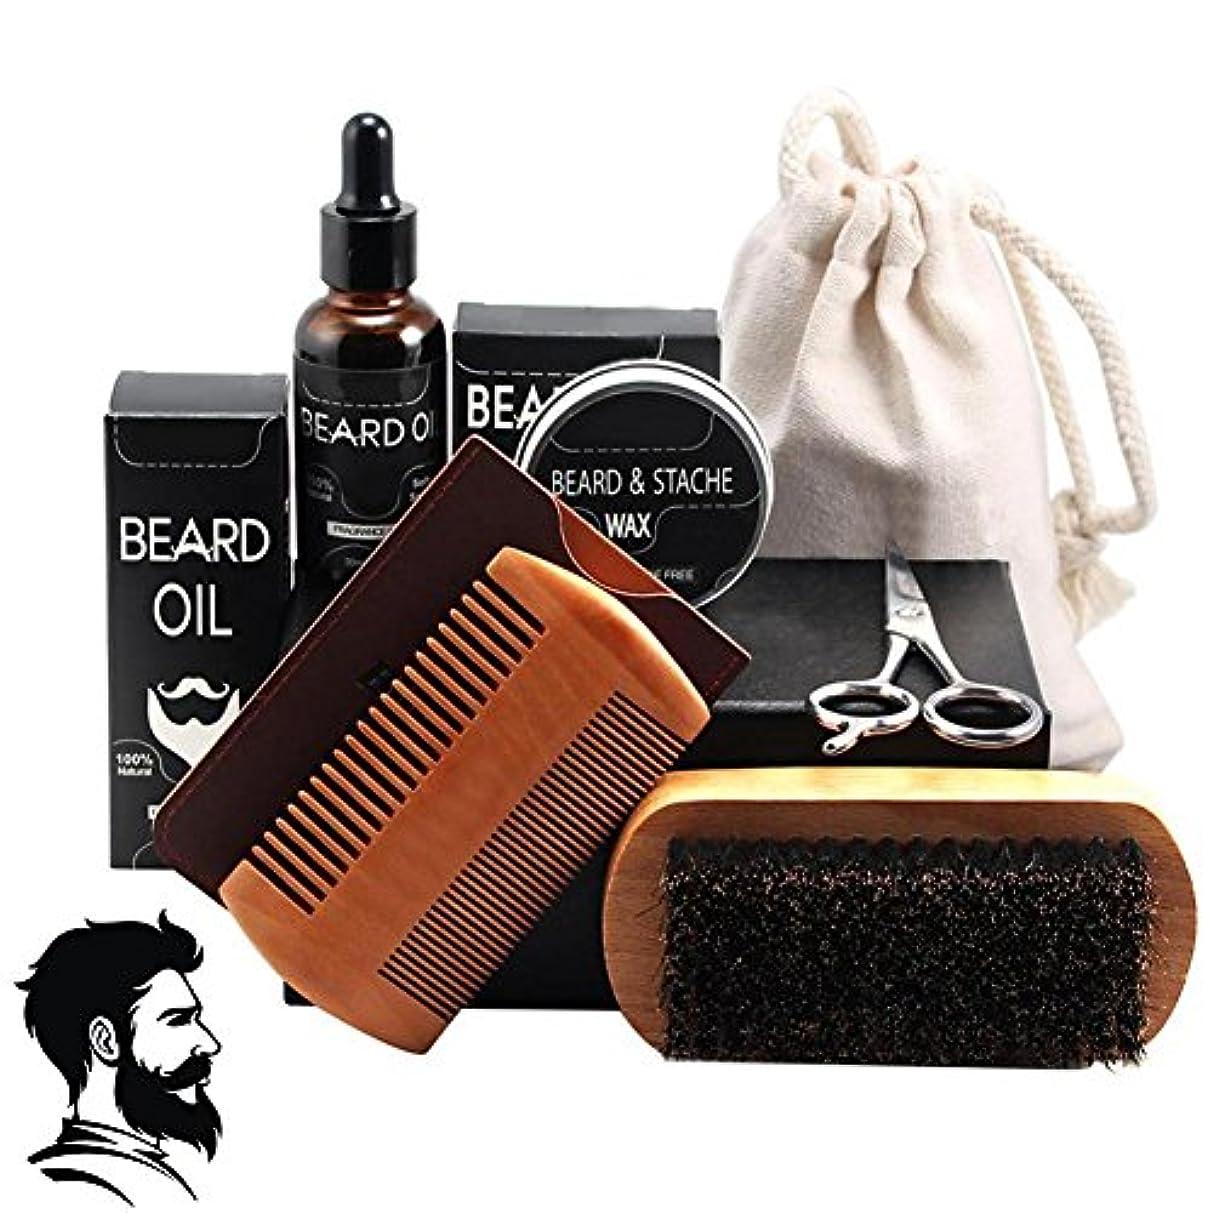 石蓮スクリューあごひげ油、男性の口ひげフルセットヘアケアツール(ひげワックスくし付き)(7PCSのパック)用シェービングブラシプロフェッショナルフェイシャルトリミングハサミ